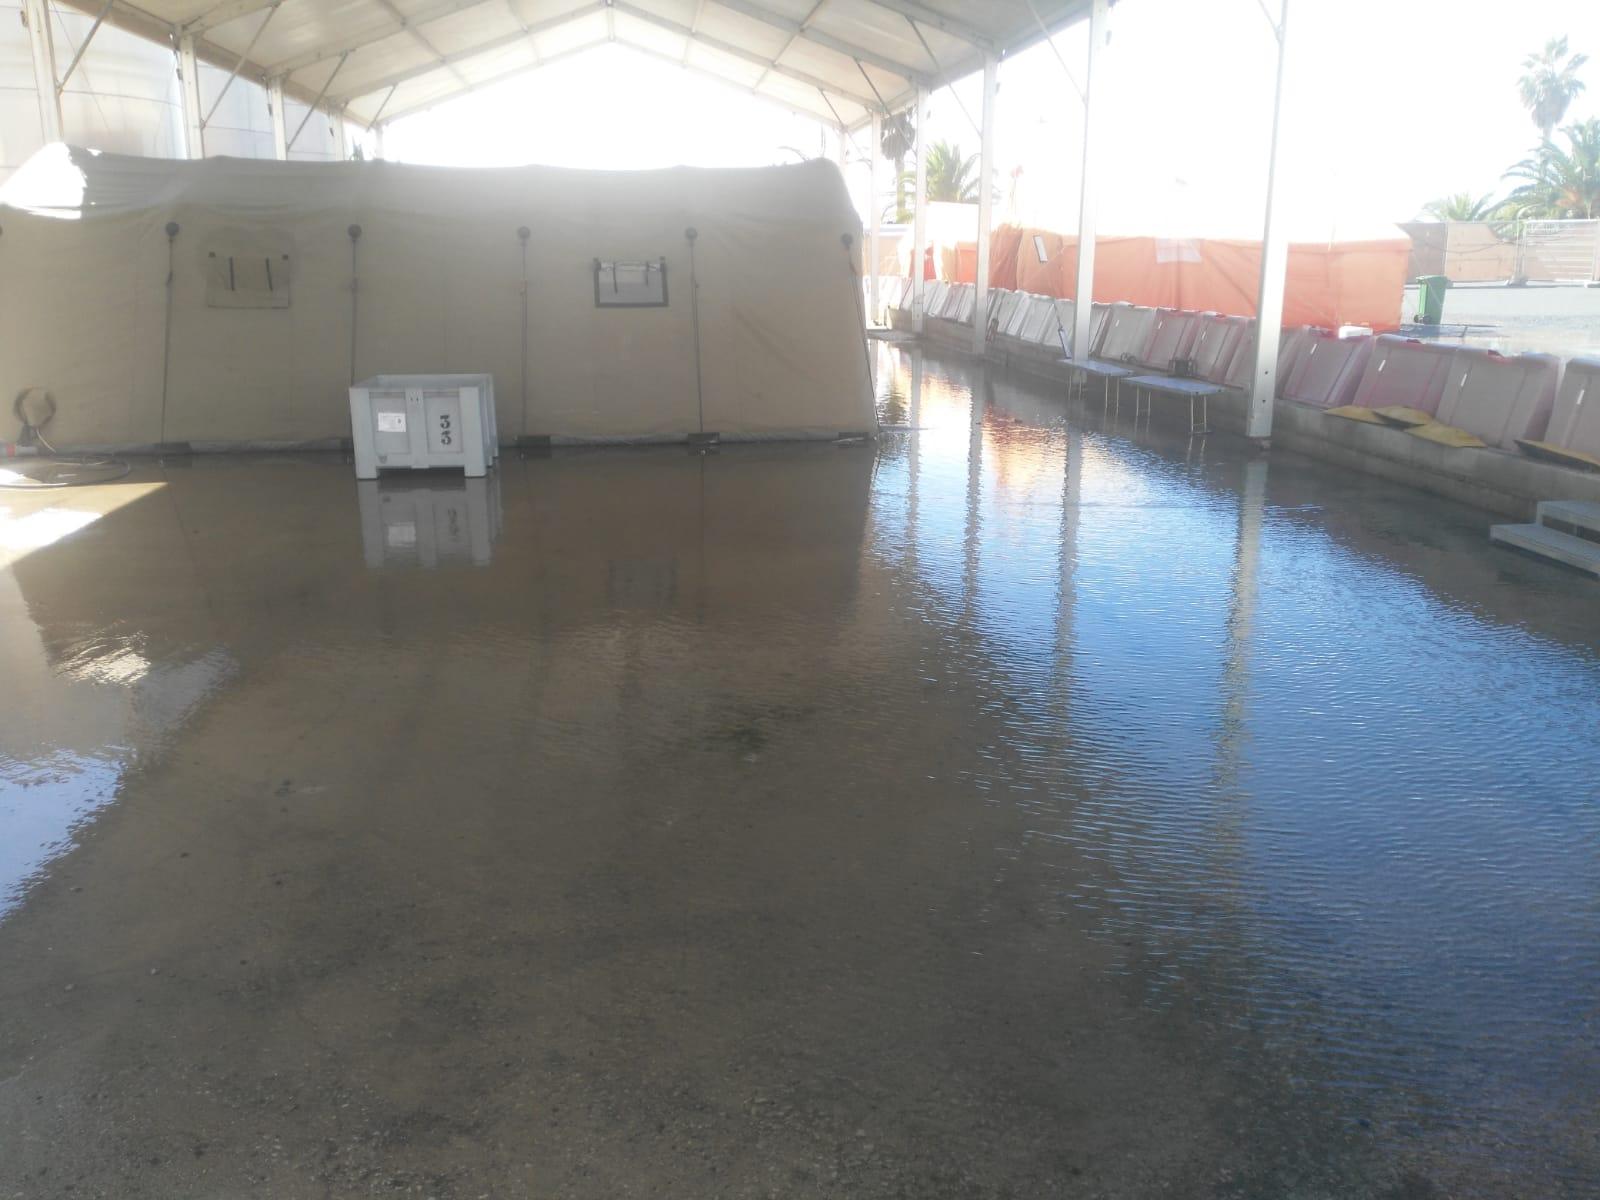 Las lluvias vuelven a inundar el campamento de inmigrantes de Motril